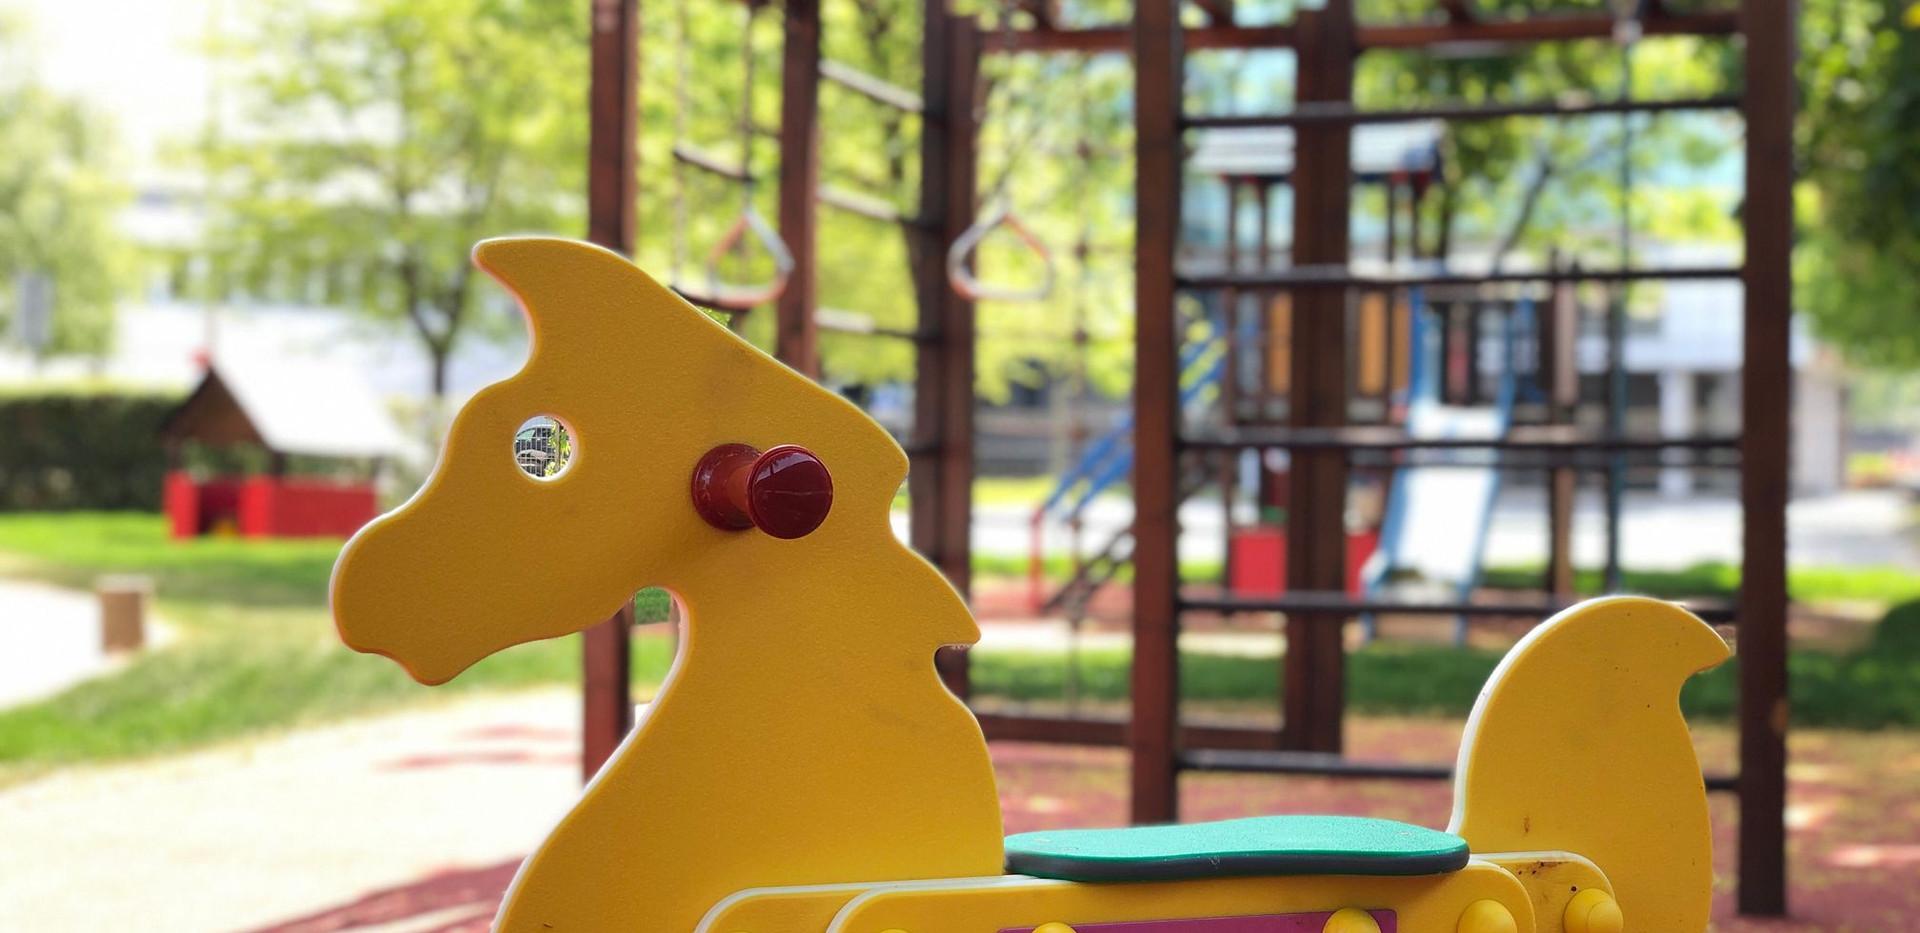 DV_Čigra_A1_park_(3).jpg